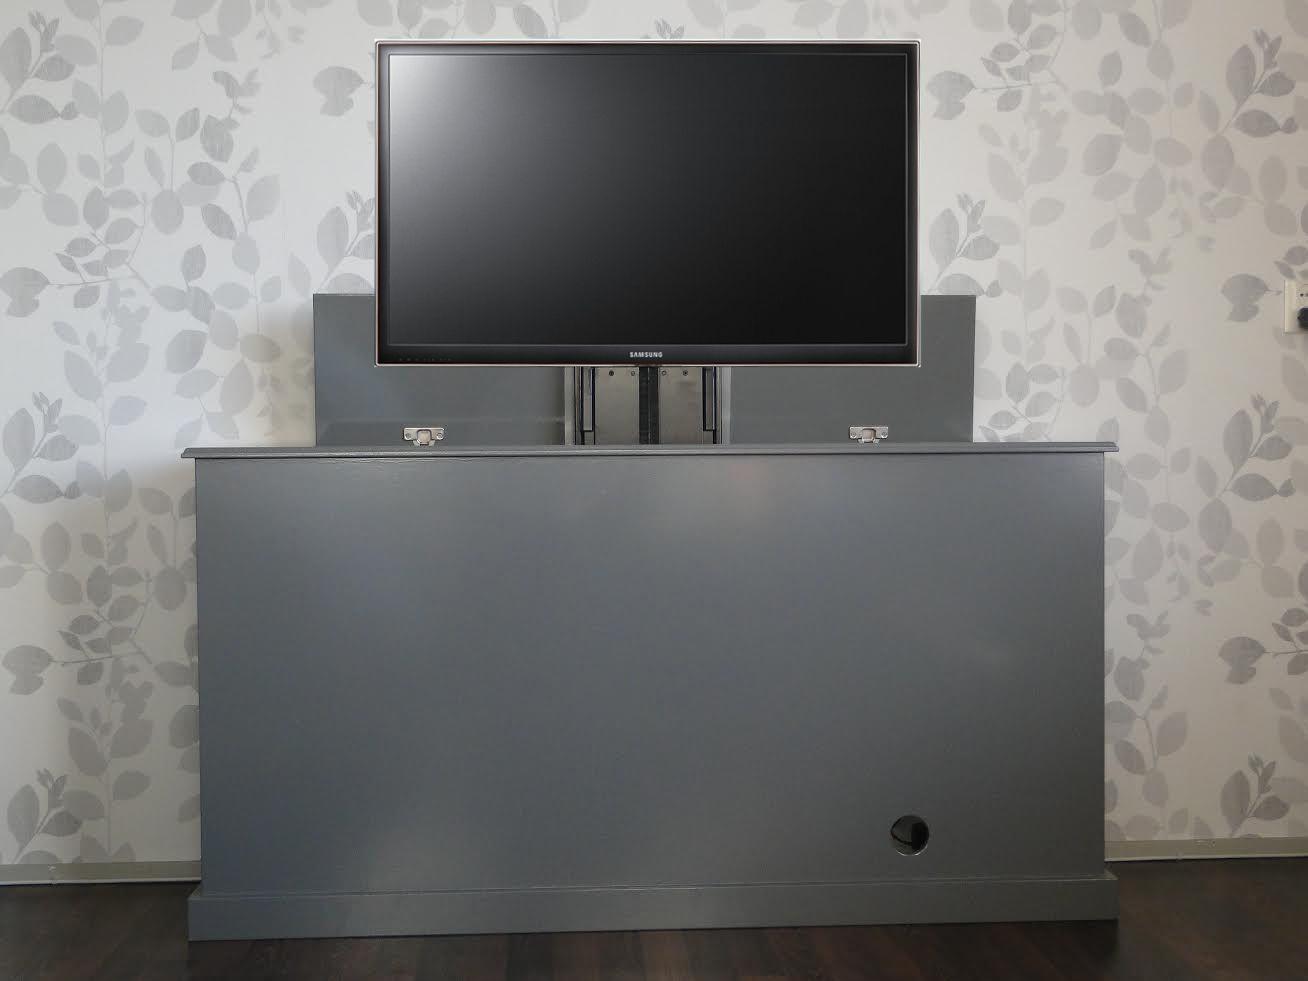 Tv Kast Nl : Landelijke tv kast met lift grijze uitvoering luuksdesign.nl